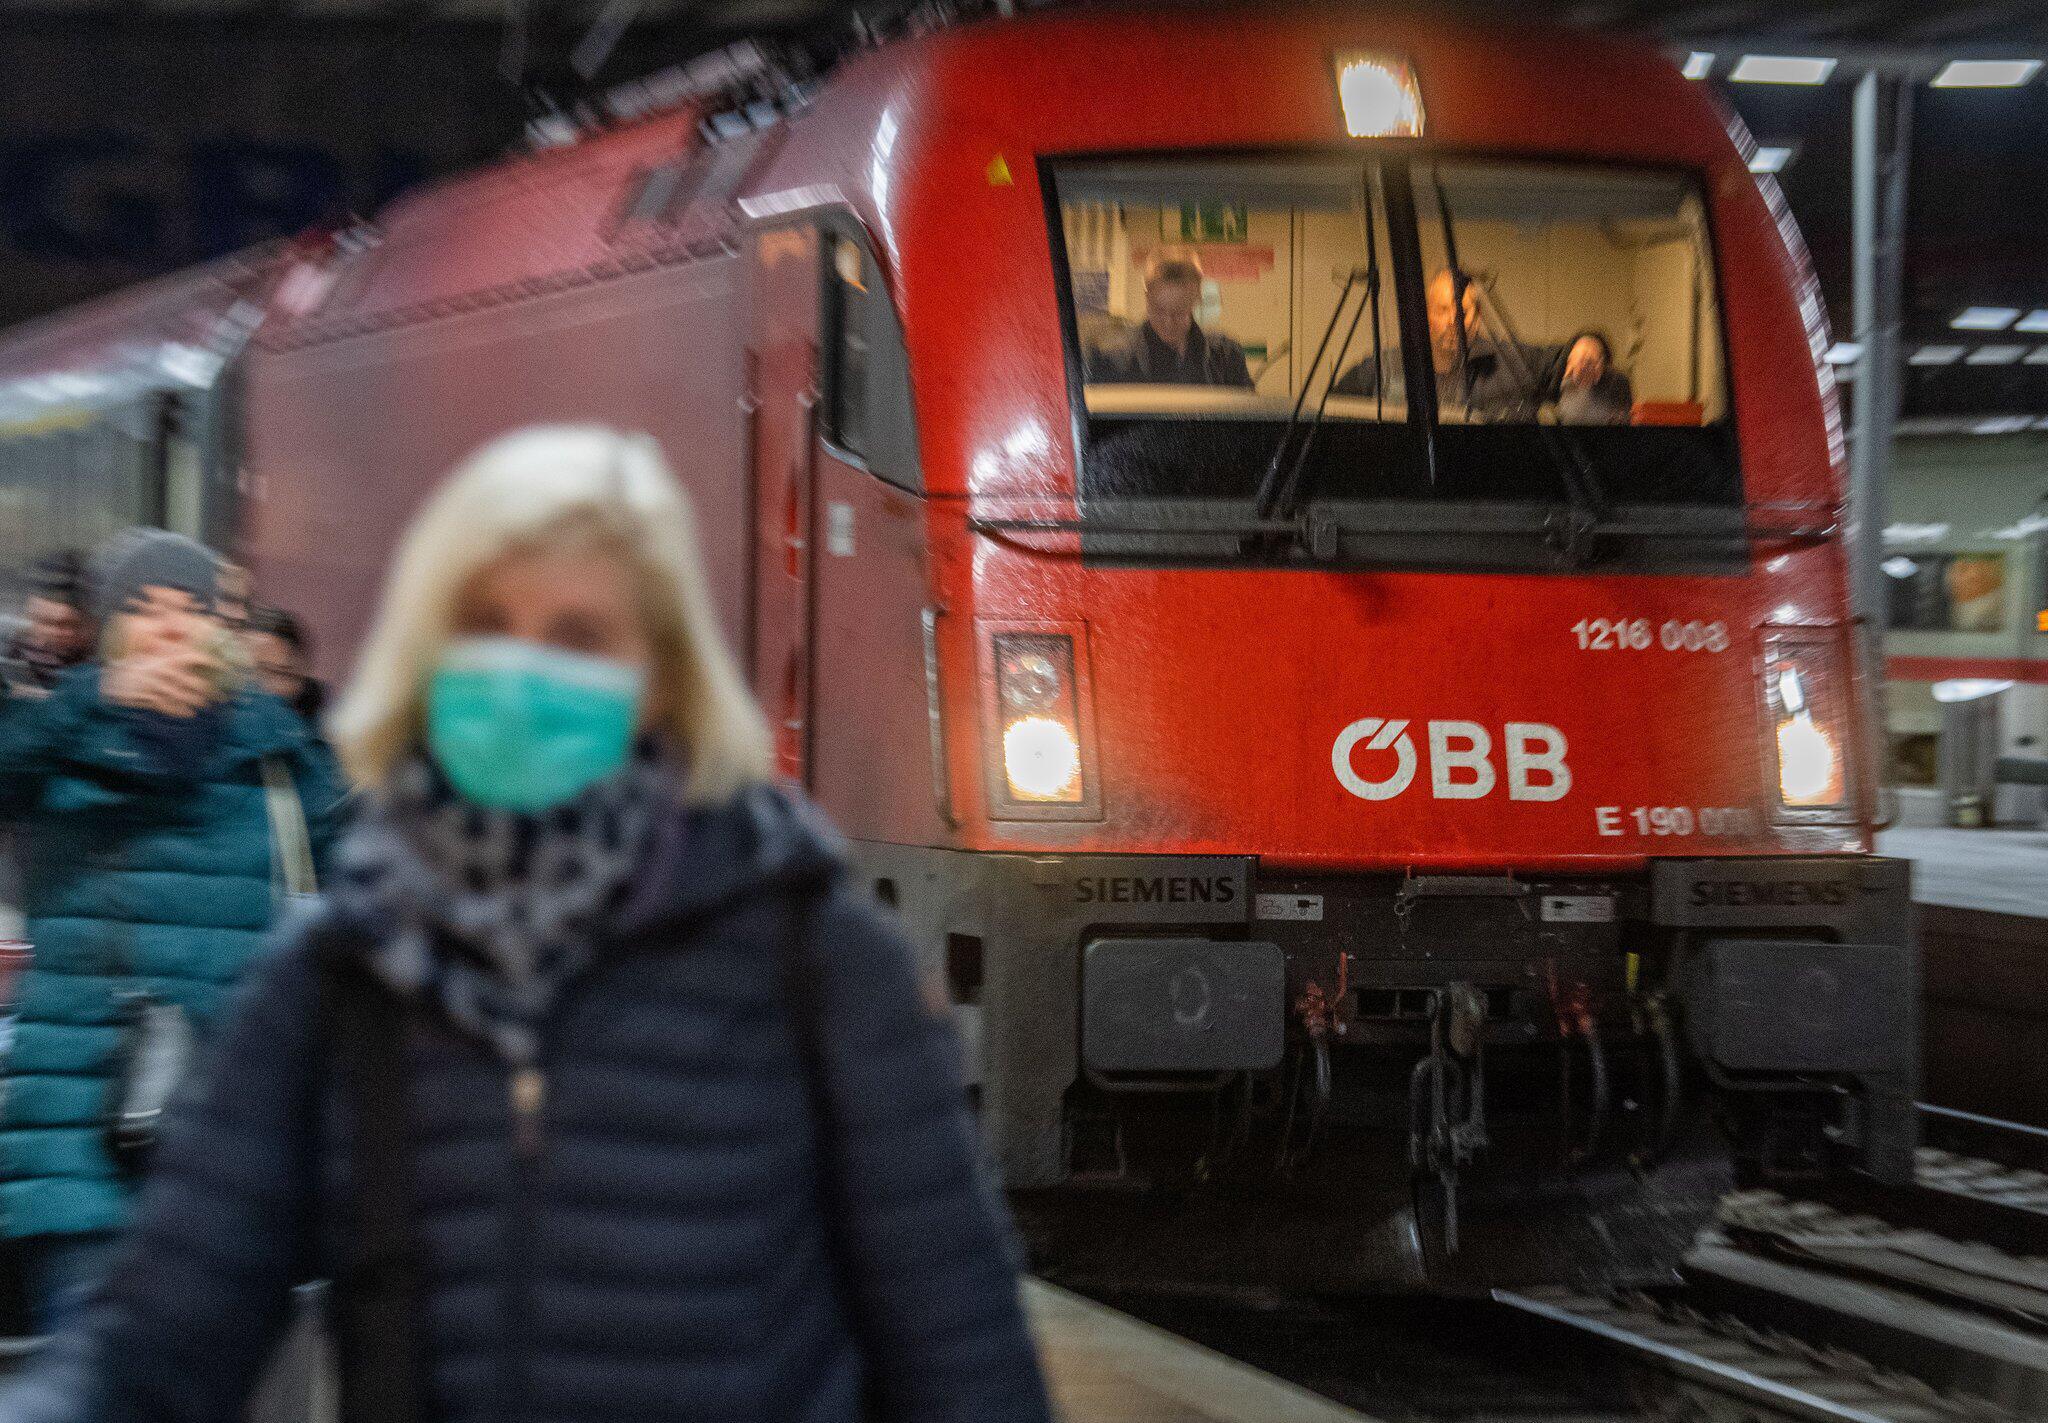 Bild zu Zug, München, Hauptbahnhof, Brenner